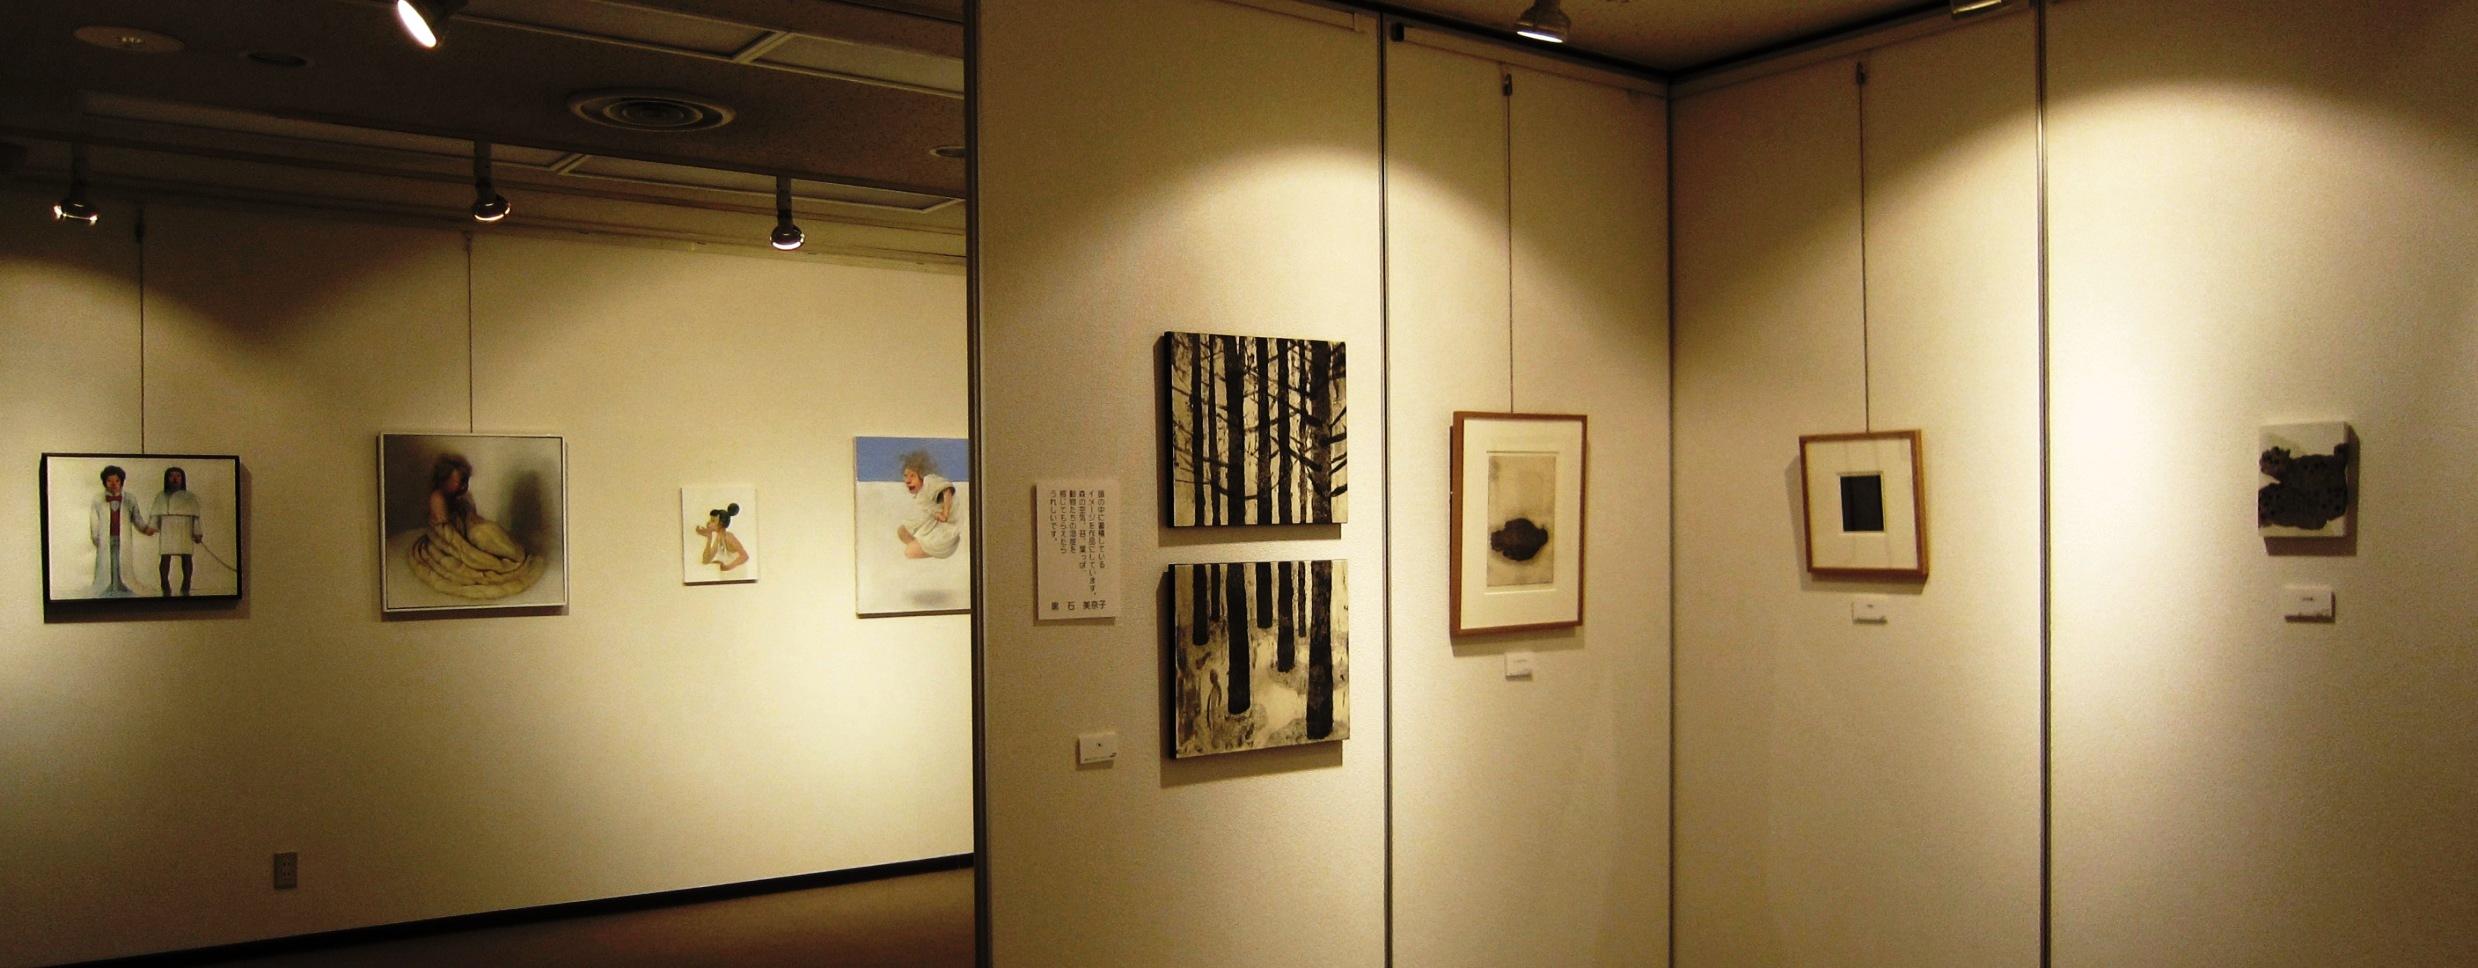 2491)「第3回丸島企画展『群青』 に寄せて」_f0126829_9555248.jpg